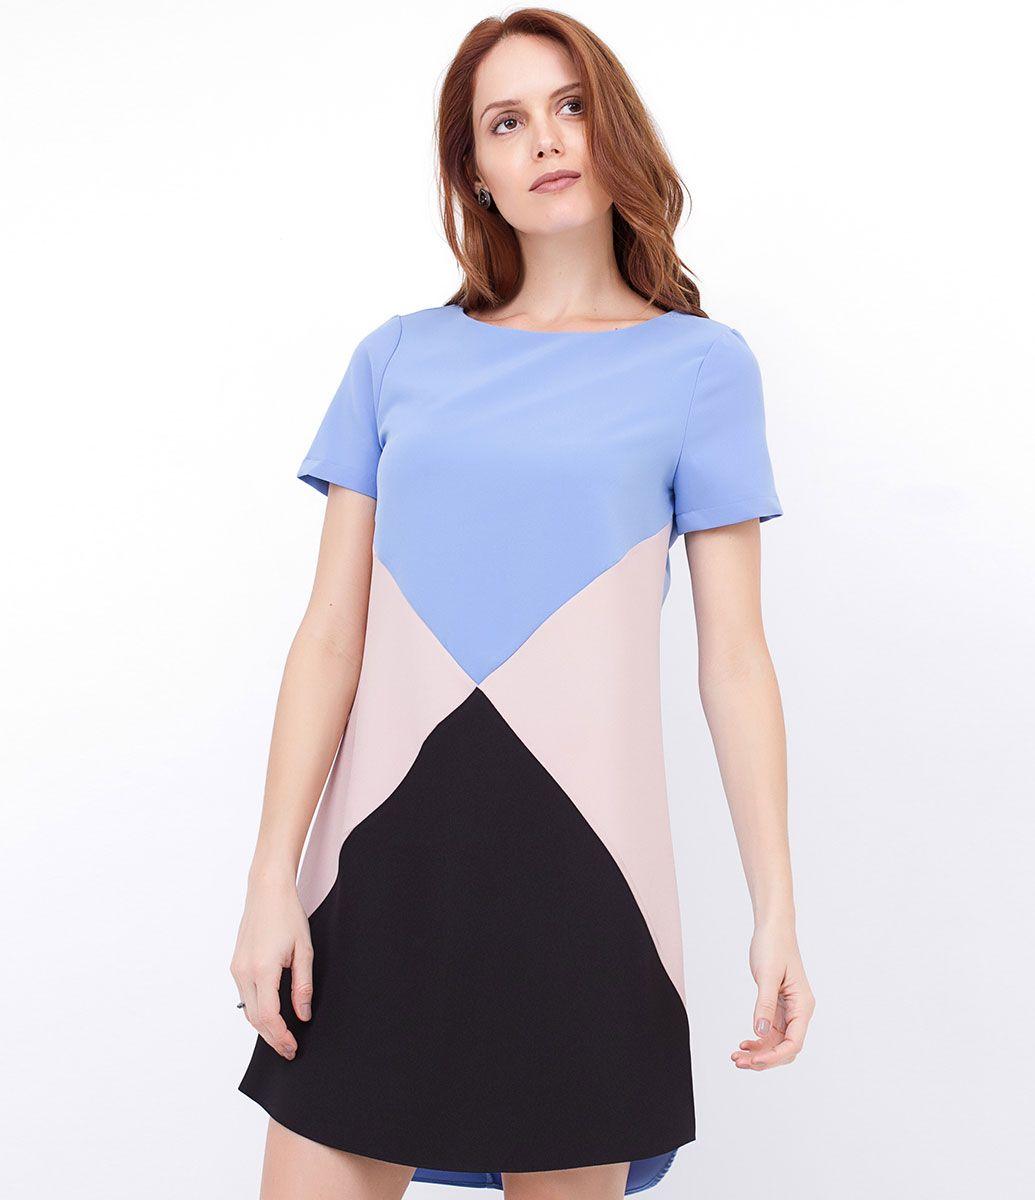 407558009 Vestido feminino Tricolor Com recortes Marca: Cortelle Tecido: Alfaiataria  Composição: 94% Poliéster